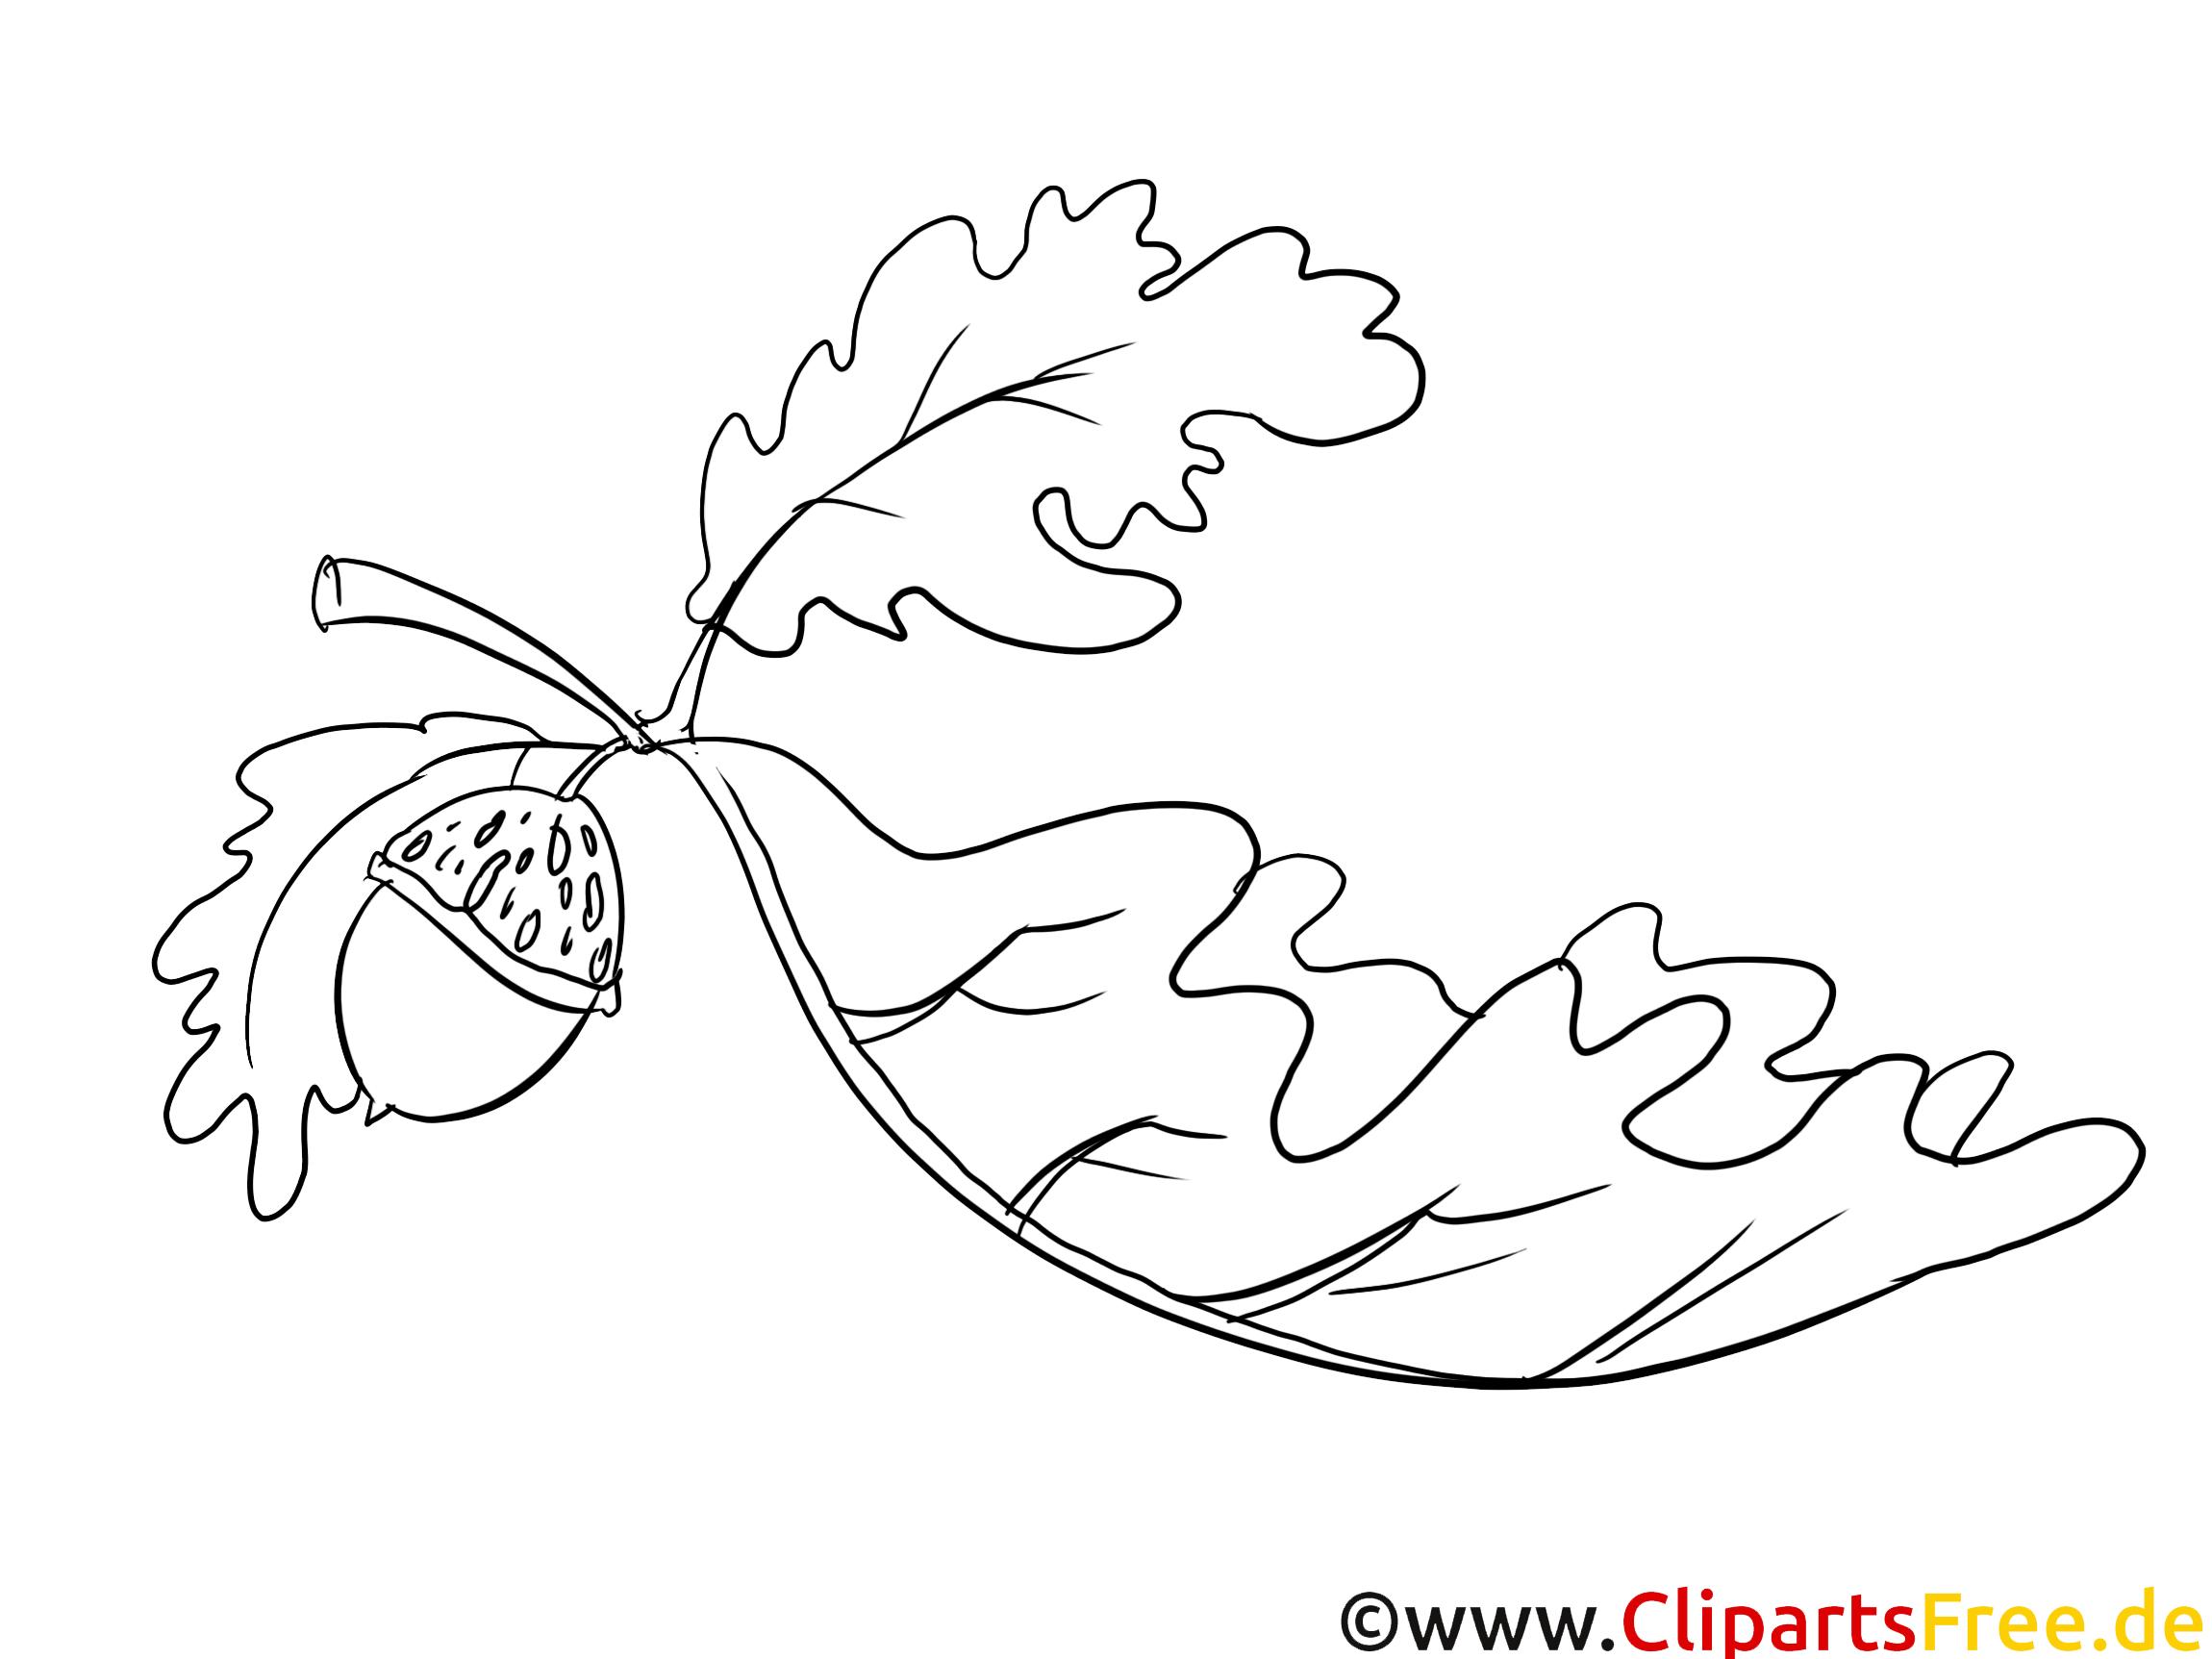 Eichenblatt - Herbstbilder zum Ausmalen